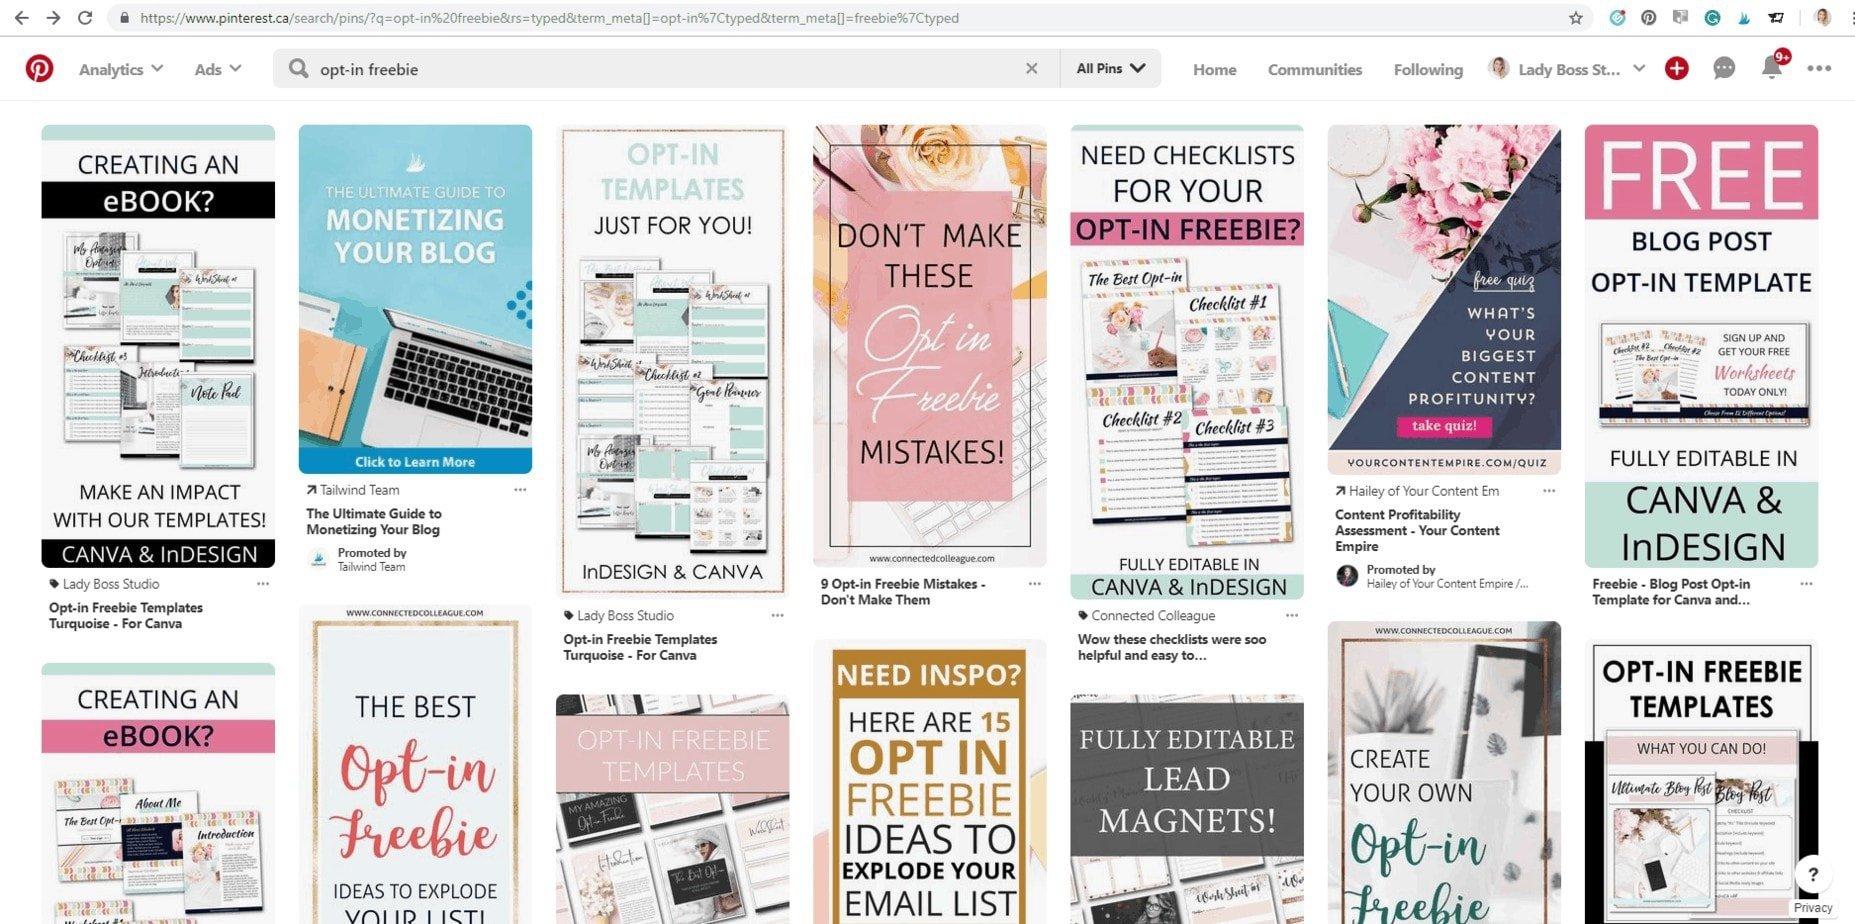 Pinterest Search Opt-in Freebie